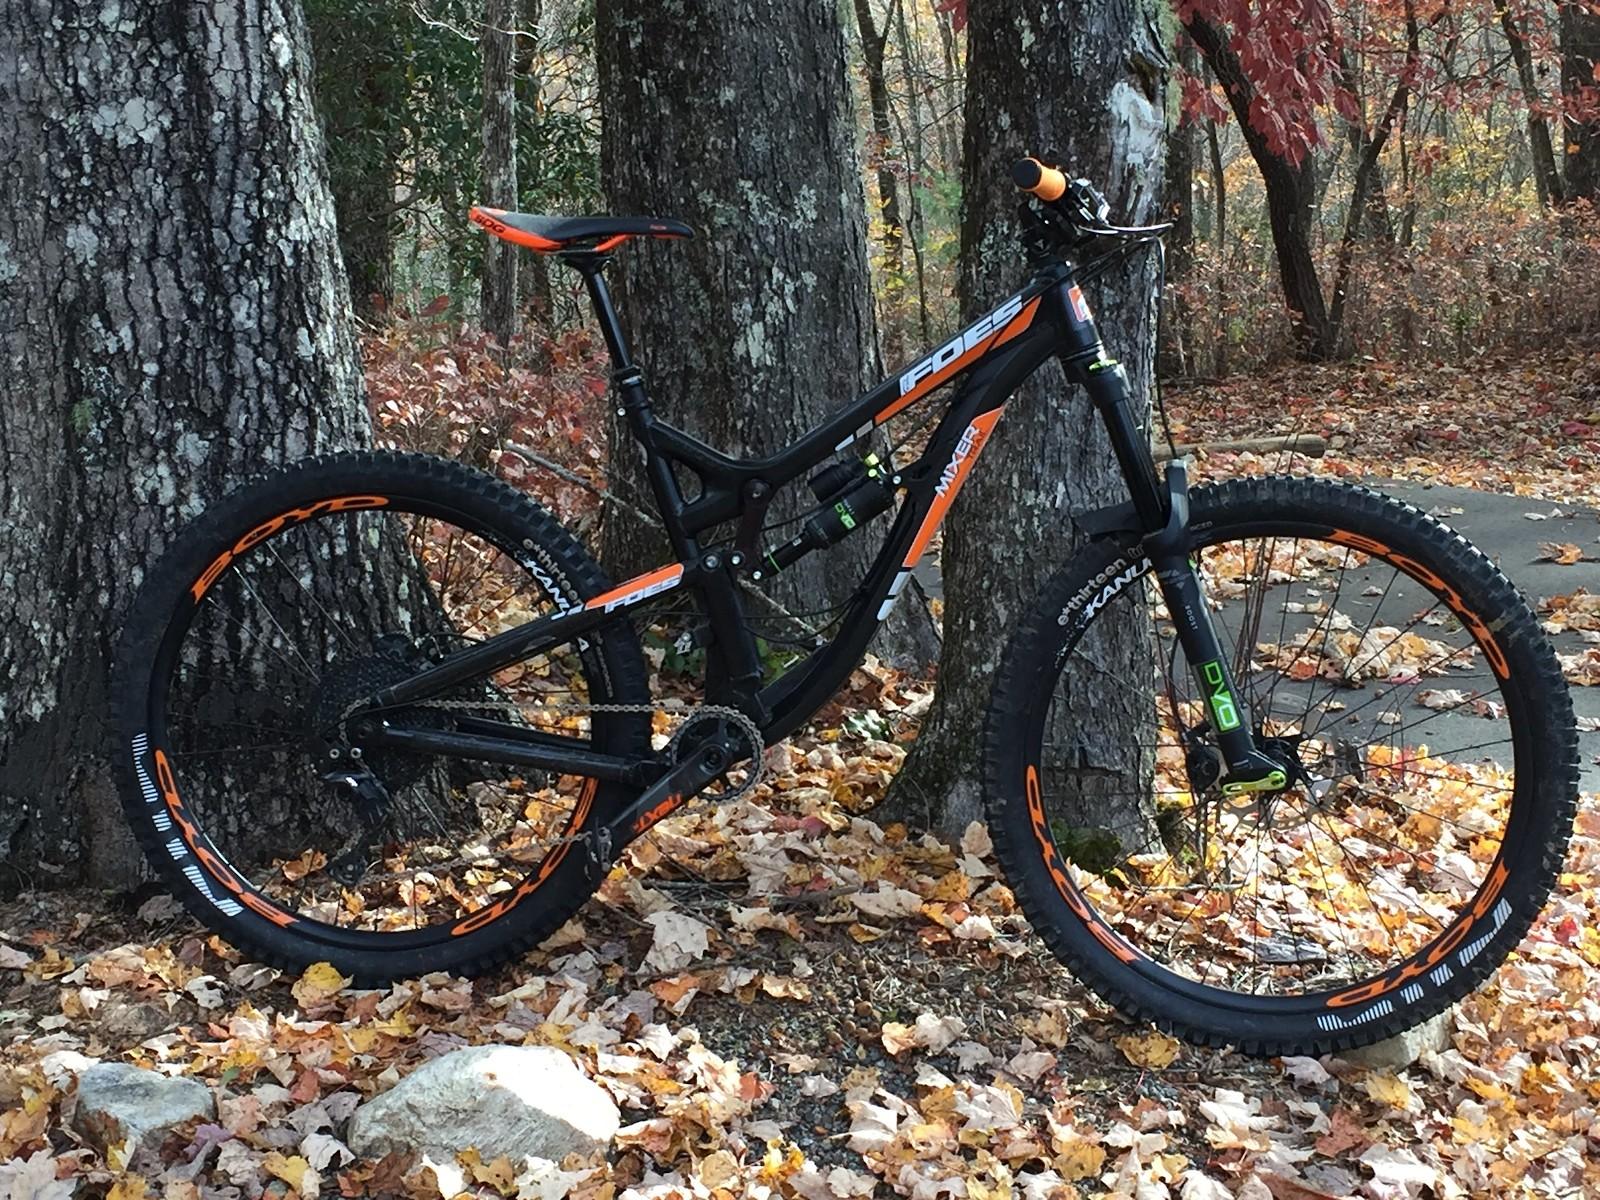 Foes Mixer Trail Rider Eddie R